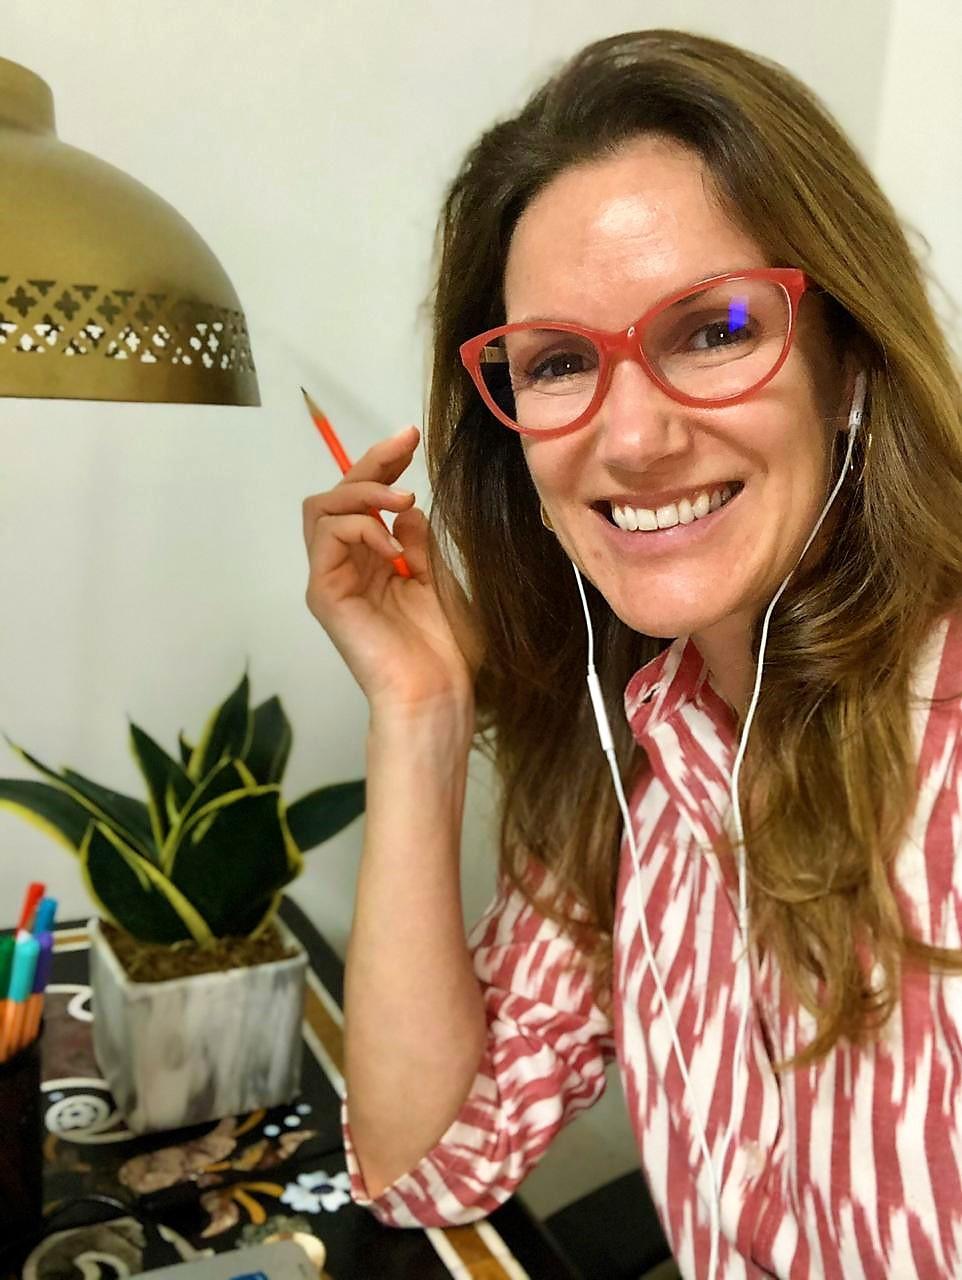 Marcela, uma brasileira em Jaipur na Índia